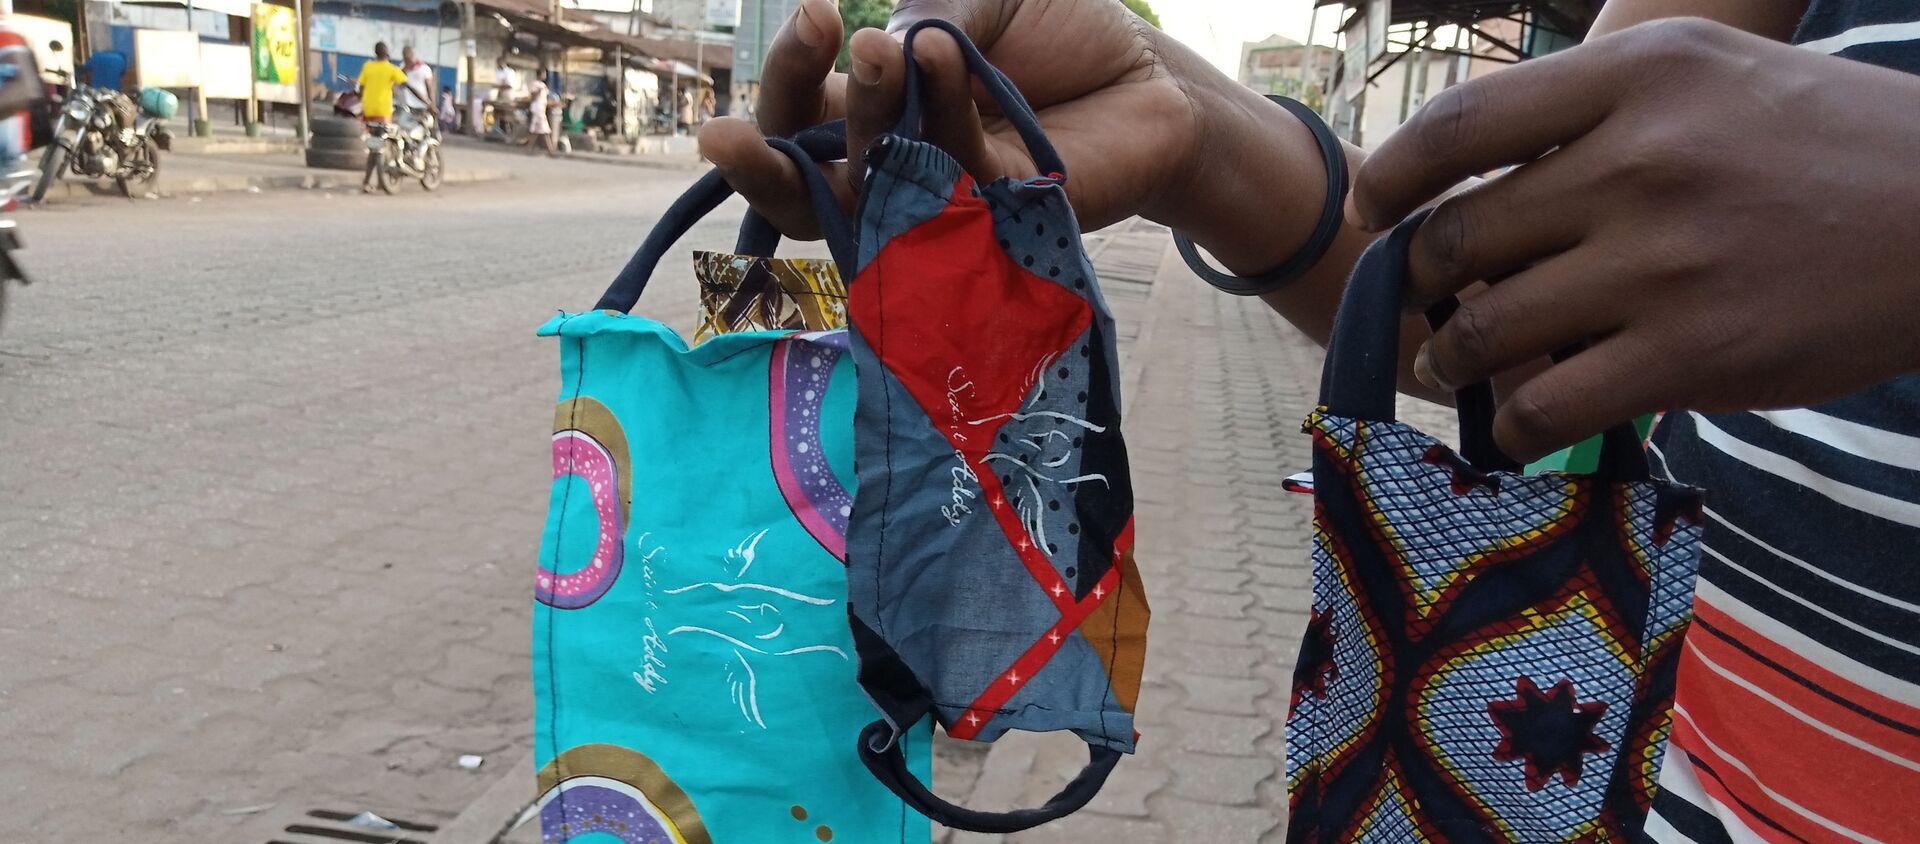 Les masques de protection du styliste Saint-Addy, au Togo. - Sputnik France, 1920, 05.02.2021